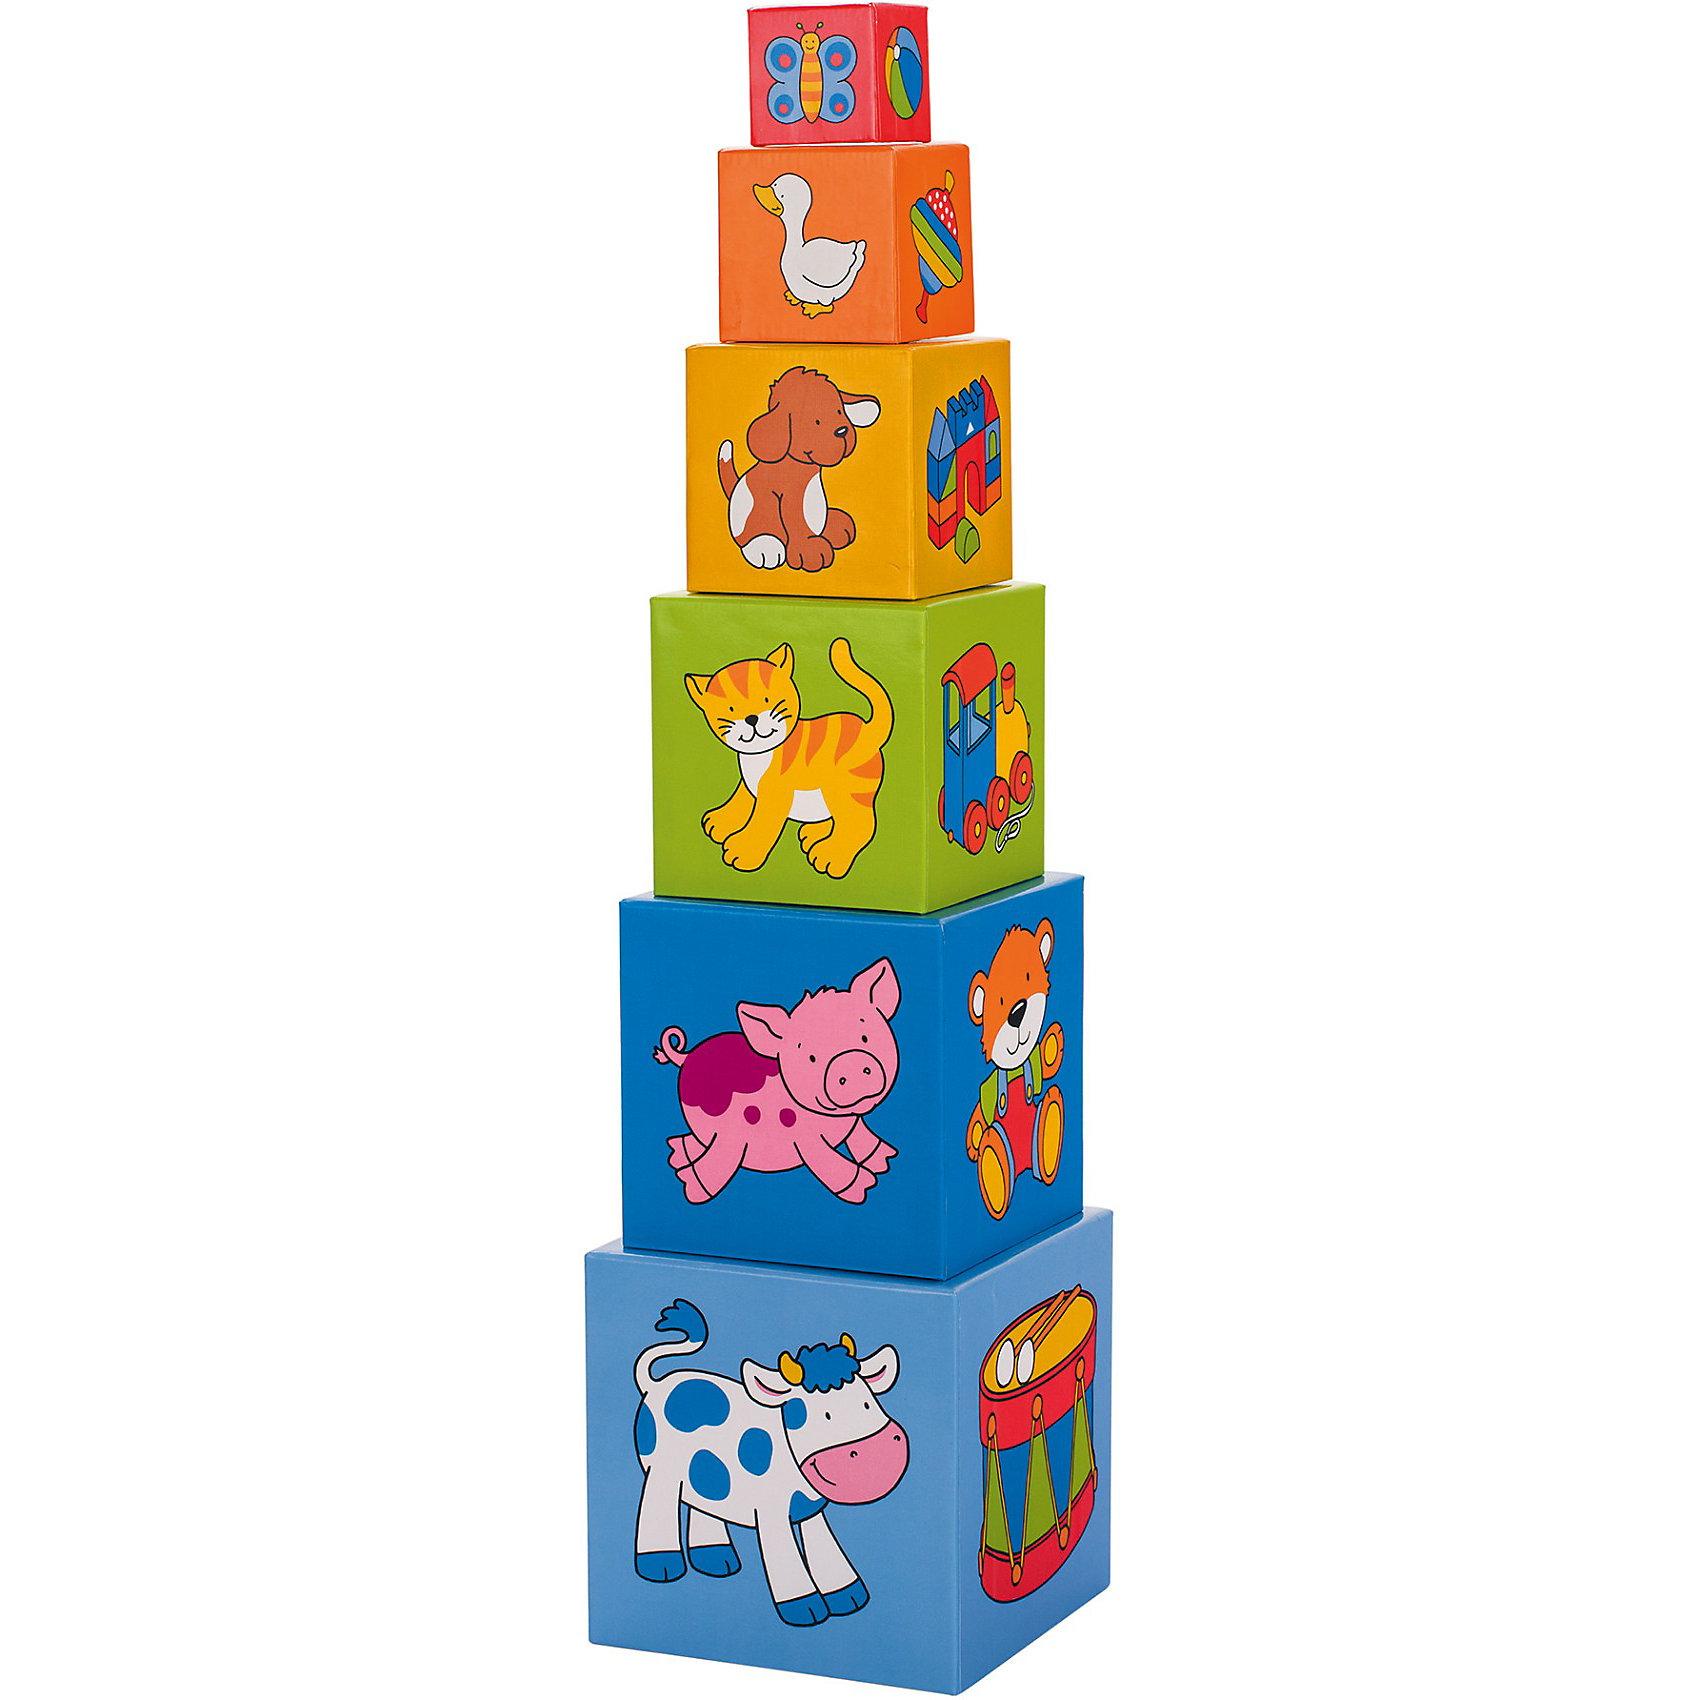 Пирамидка из кубиков, gokiМалыши обожают собирать пирамидки. Пирамидка из кубиков обязательно понравится вашему крохе. На каждом кубике нарисованы различные животные и фигуры, ребенок сможет не только строить пирамидку, но и рассматривать яркие рисунки. А когда игра окончена, кубики компактно складываются друг в друга. Игрушка изготовлена из натурального дерева, не имеет острых углов, раскрашен безопасными для детей красителями.  <br><br>Дополнительная информация:<br><br>- Материал: дерево.<br>- Комплектация: 6 кубиков. <br>- Высота: 57,5 см.<br><br>Пирамидку из кубиков, goki (Гоки) можно купить в нашем магазине.<br><br>Ширина мм: 155<br>Глубина мм: 154<br>Высота мм: 154<br>Вес г: 538<br>Возраст от месяцев: 12<br>Возраст до месяцев: 48<br>Пол: Унисекс<br>Возраст: Детский<br>SKU: 3830758